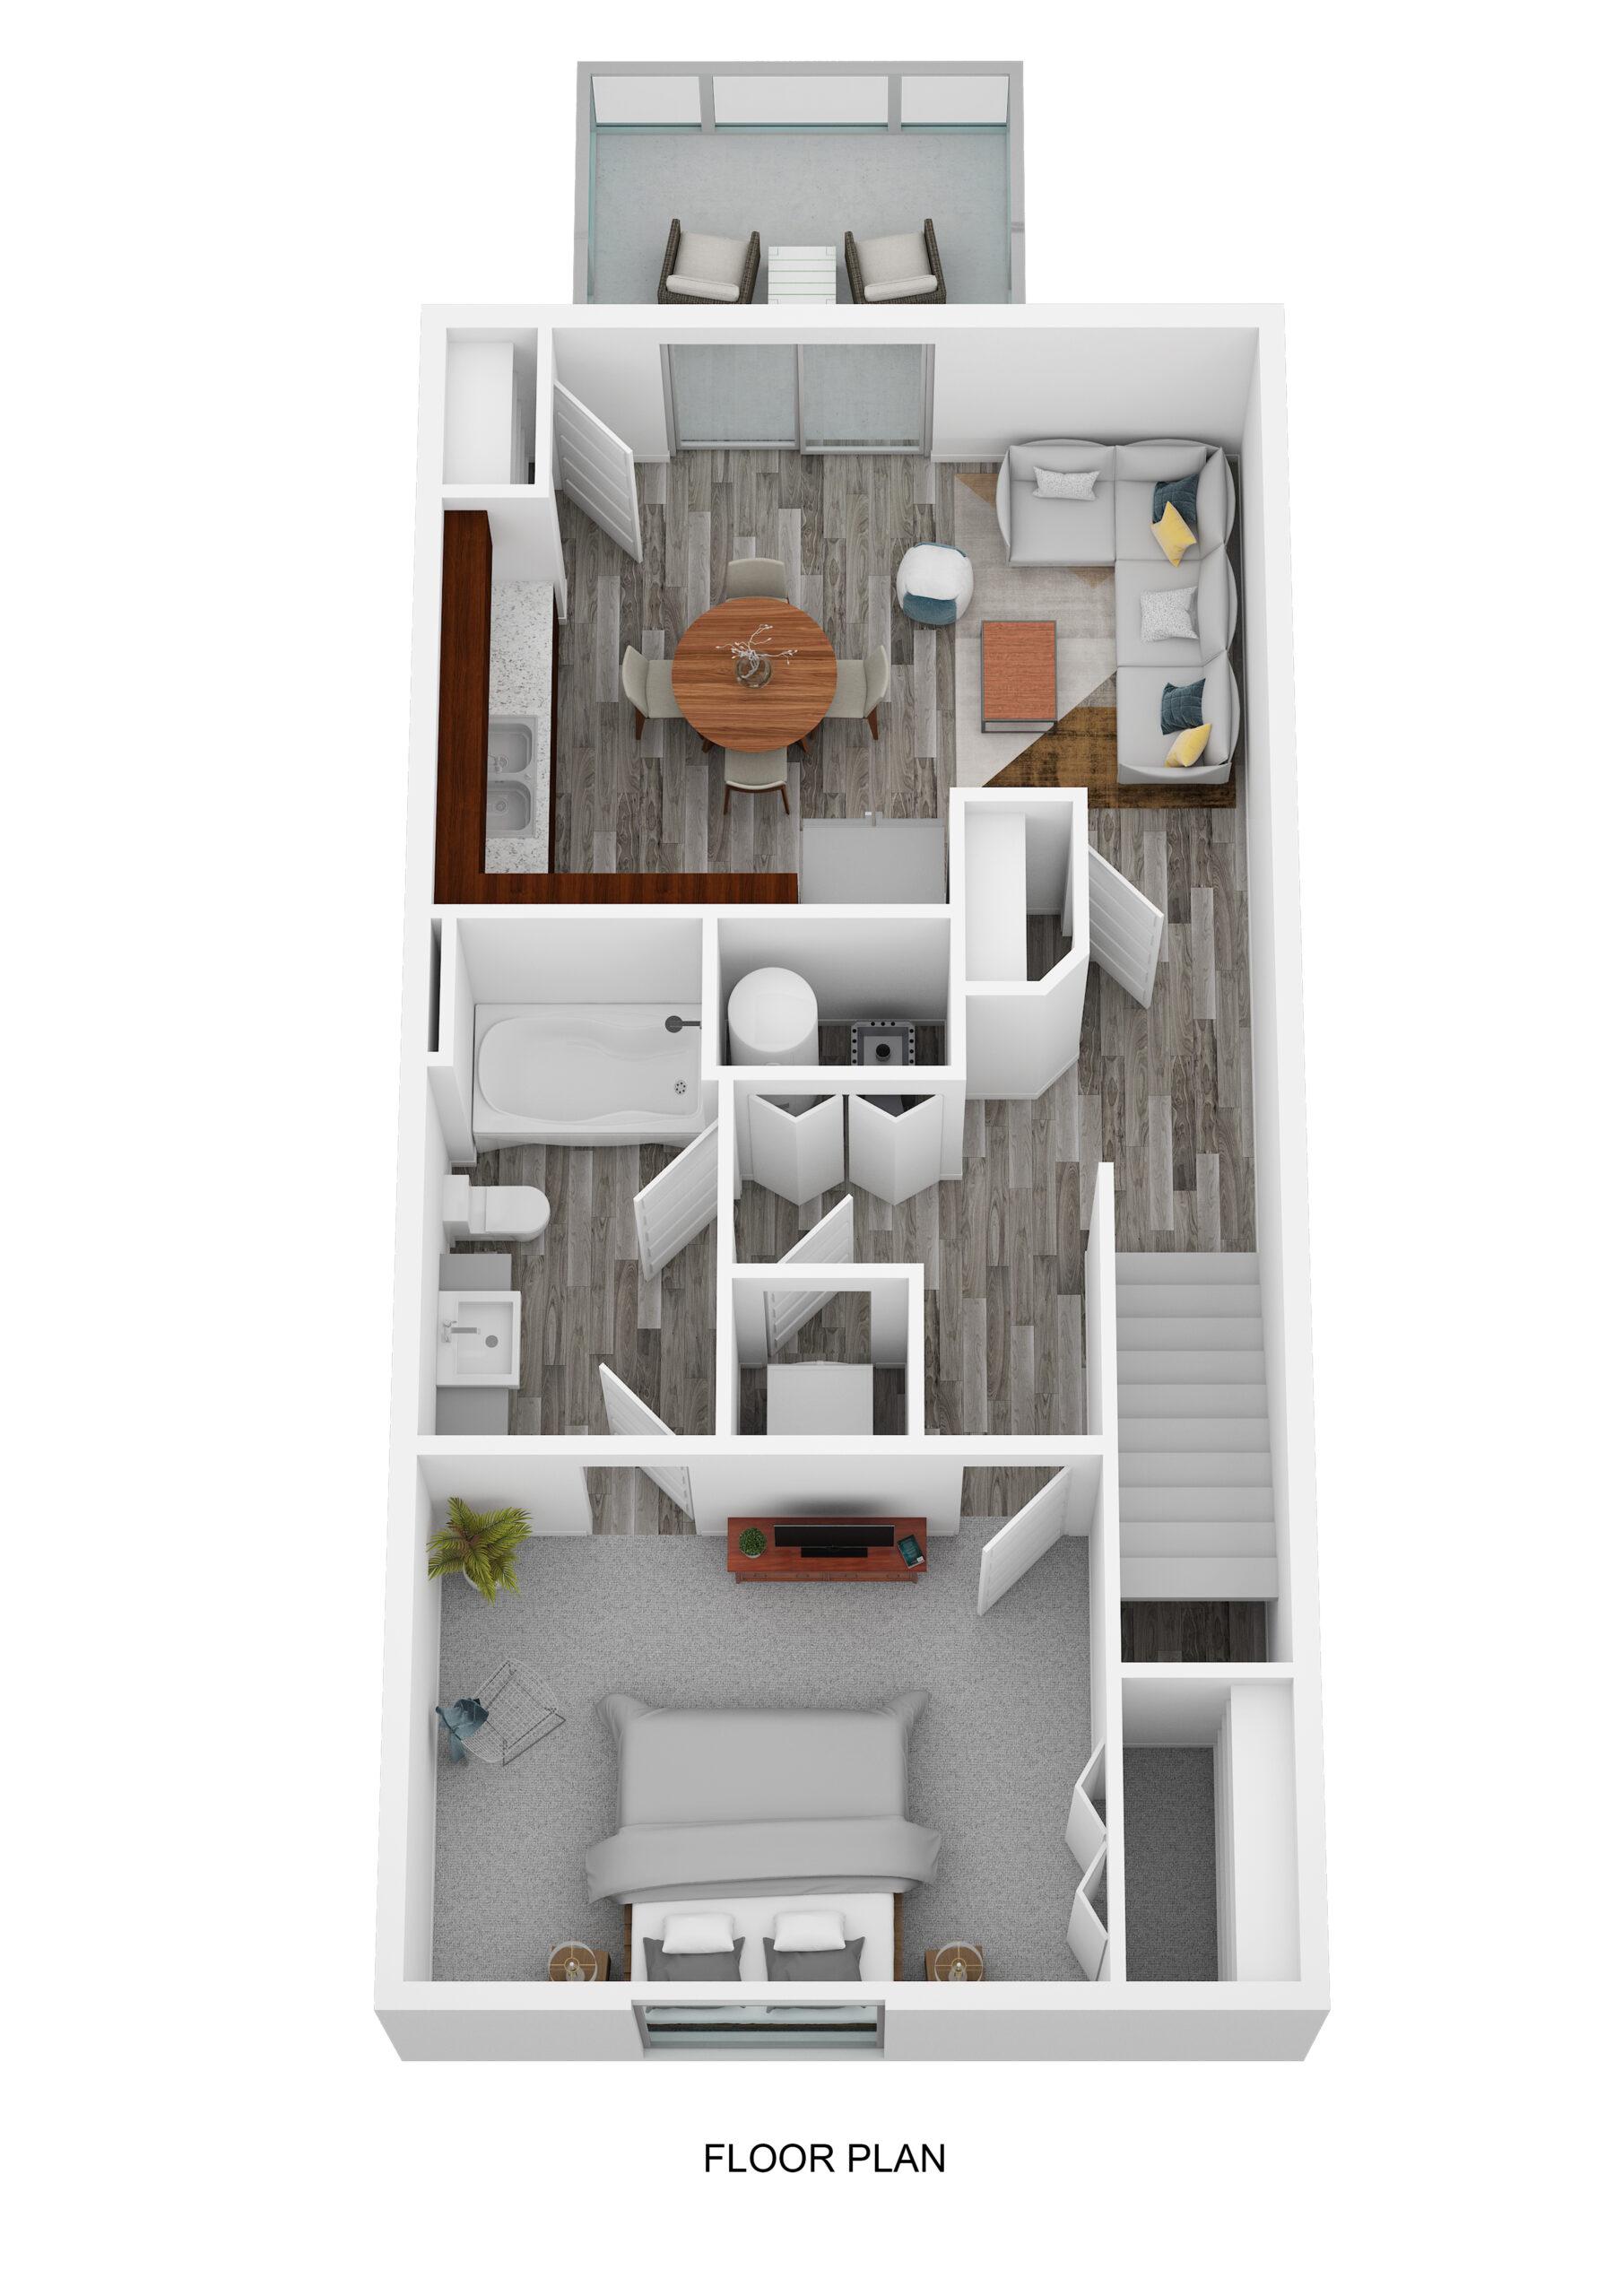 One Bedroom Upper Level No Garage - Phase I